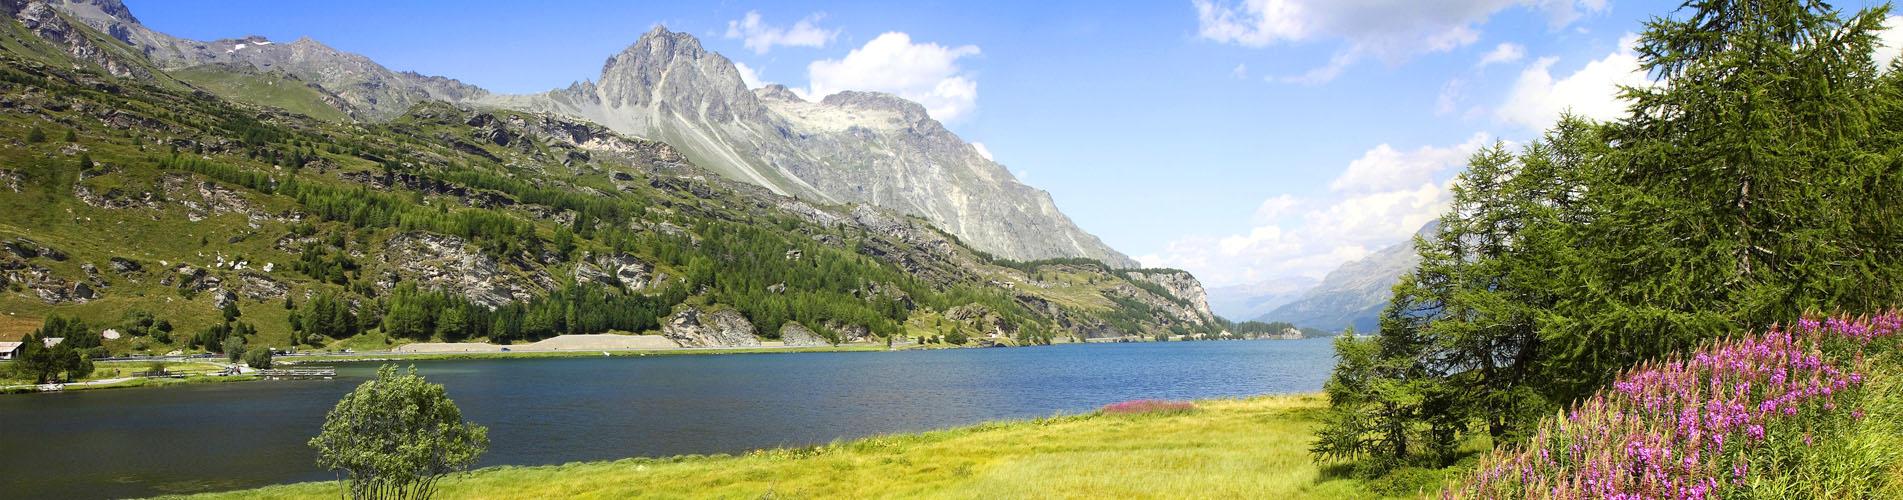 Wandern im Oberengadin: St. Moritz, Sils, Pontresina, Muottas Muragl, Val Roseg und mit den Oberengadiner Seen St. Moritzersee, Silsersee und Silvaplanersee uvm. Ein Paradies für Wanderungen!